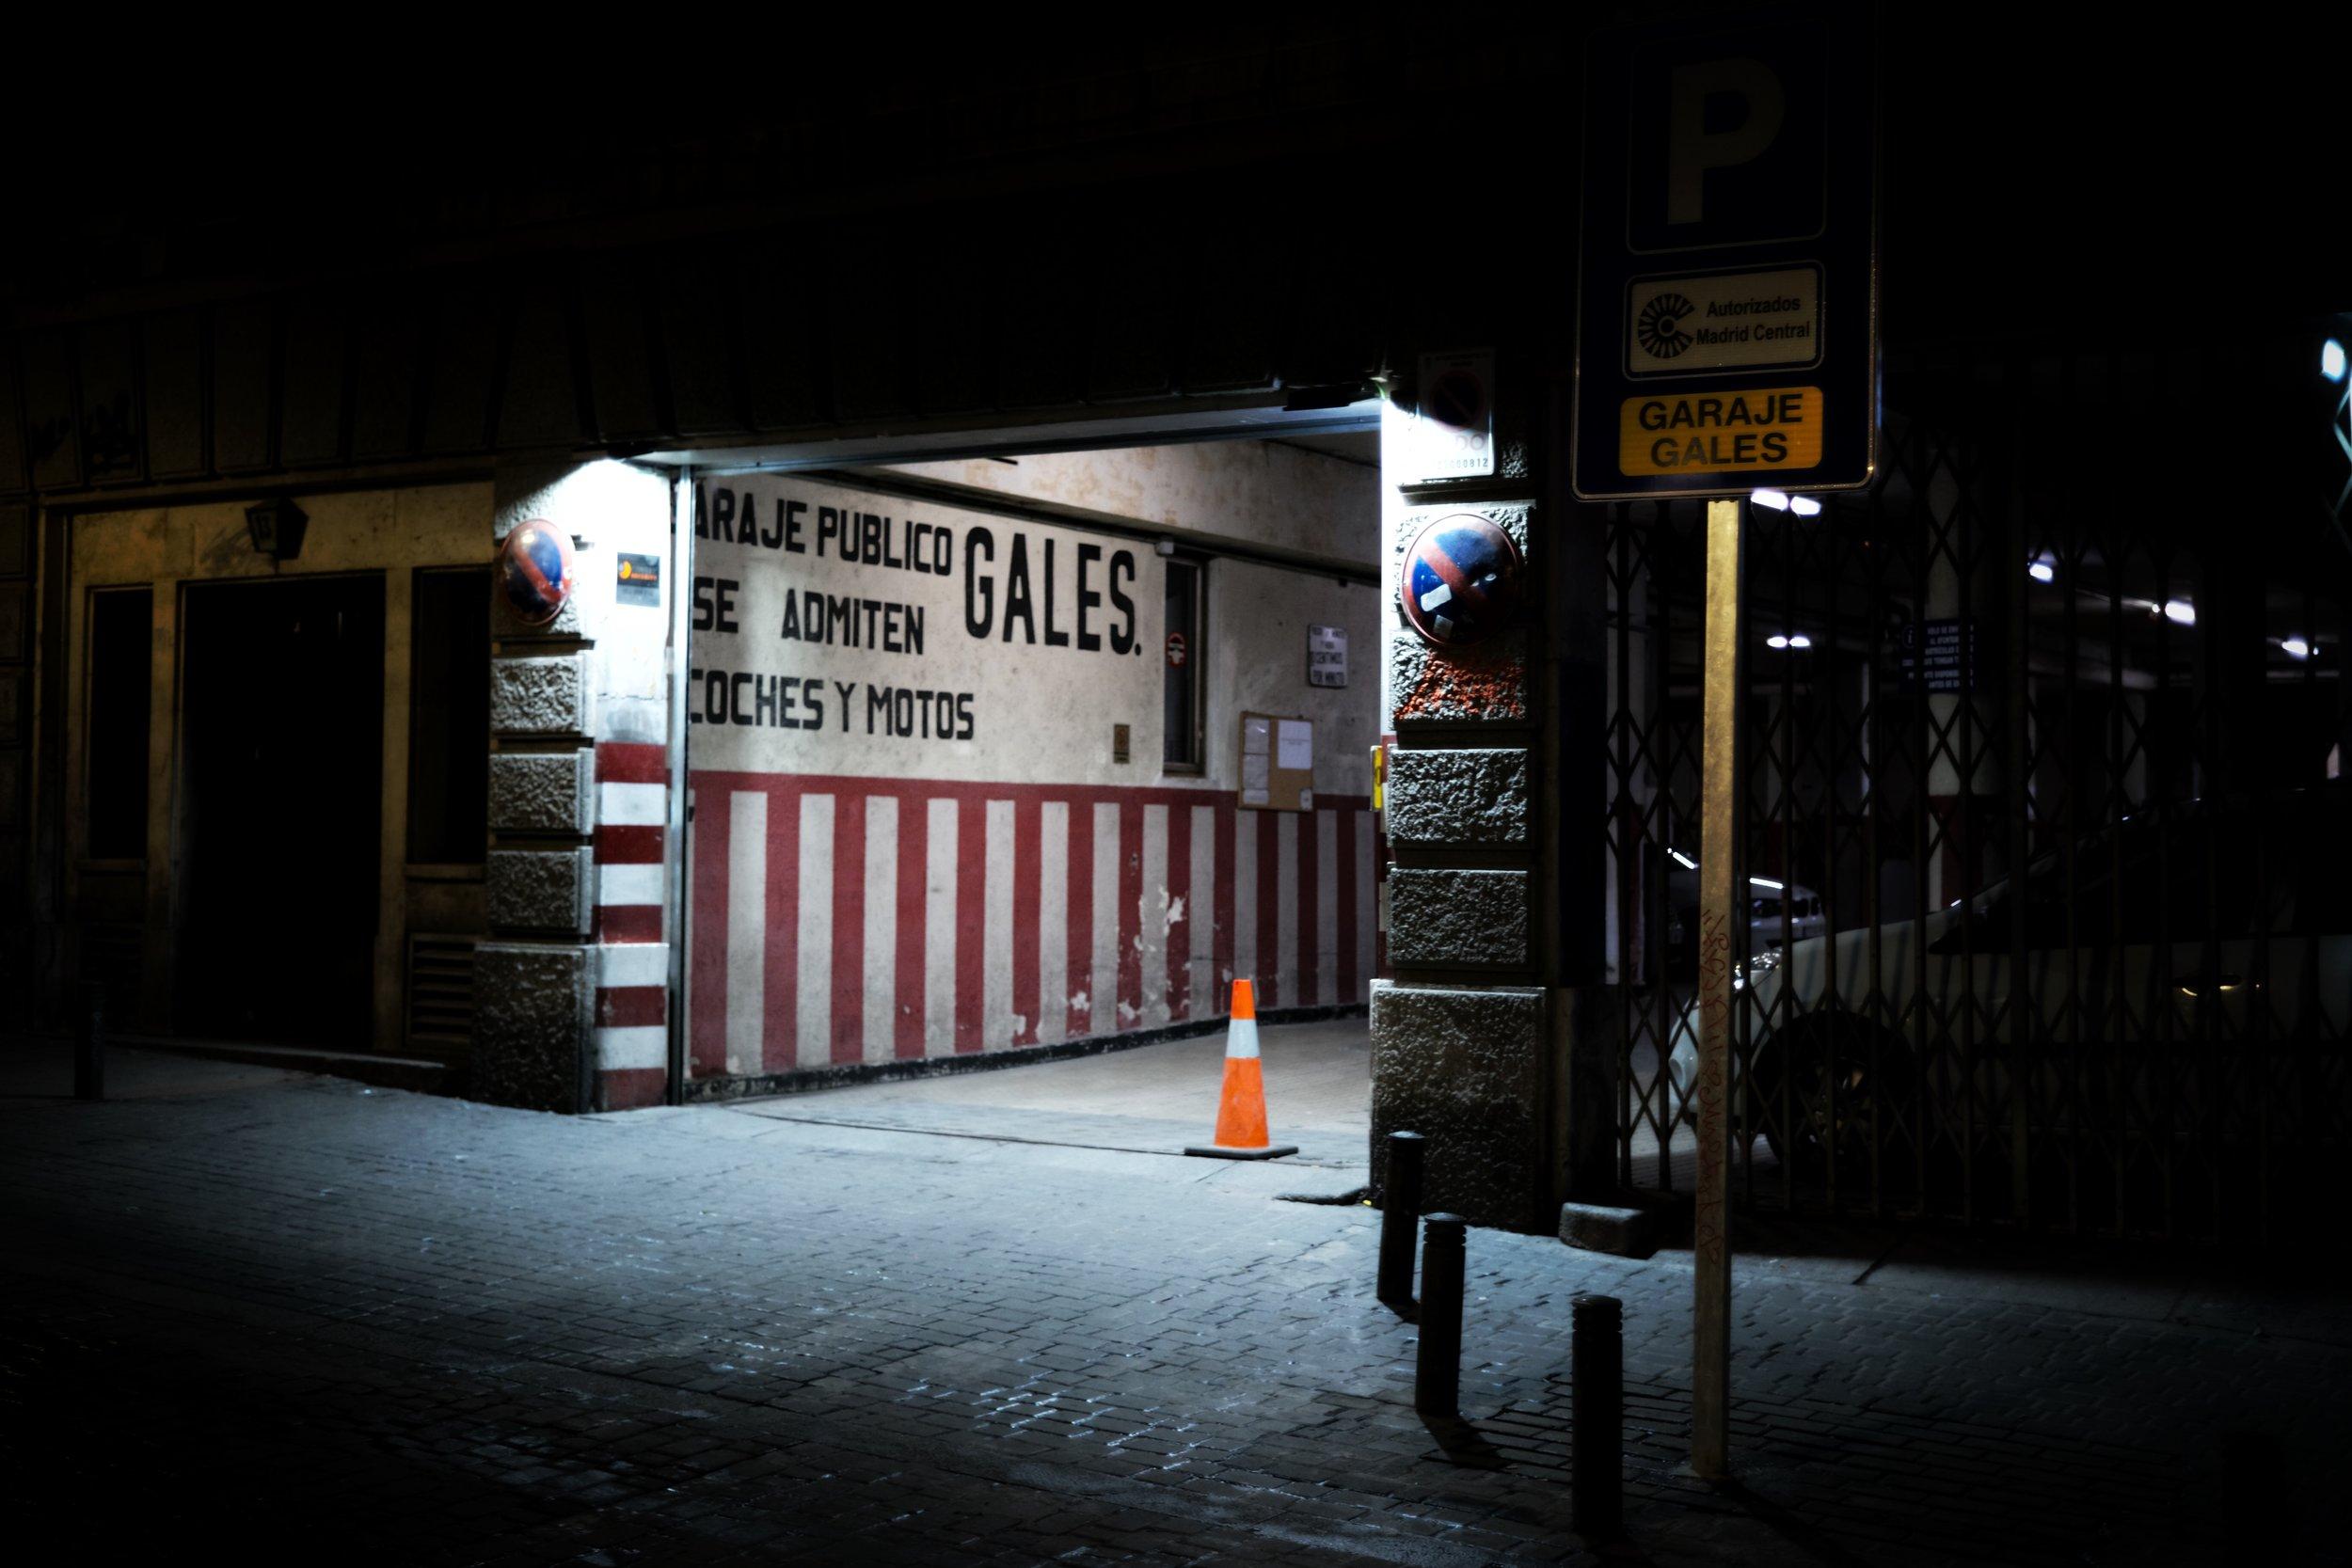 Este es el motivo para volver a hacer fotos con cámara digital: la fotografía nocturna y de poca luz sin tener que usar trípode.